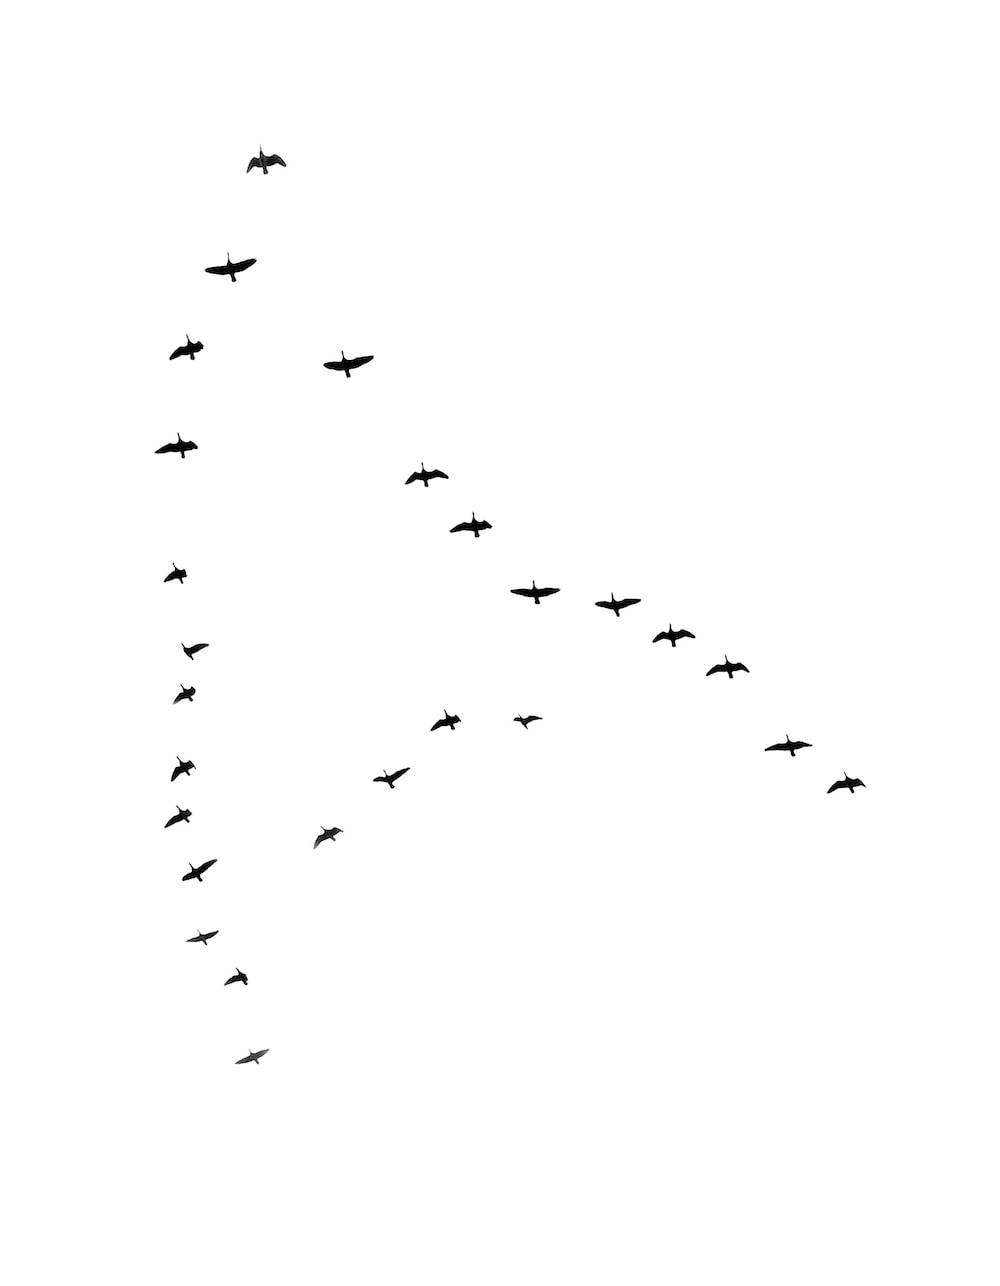 bird at flight